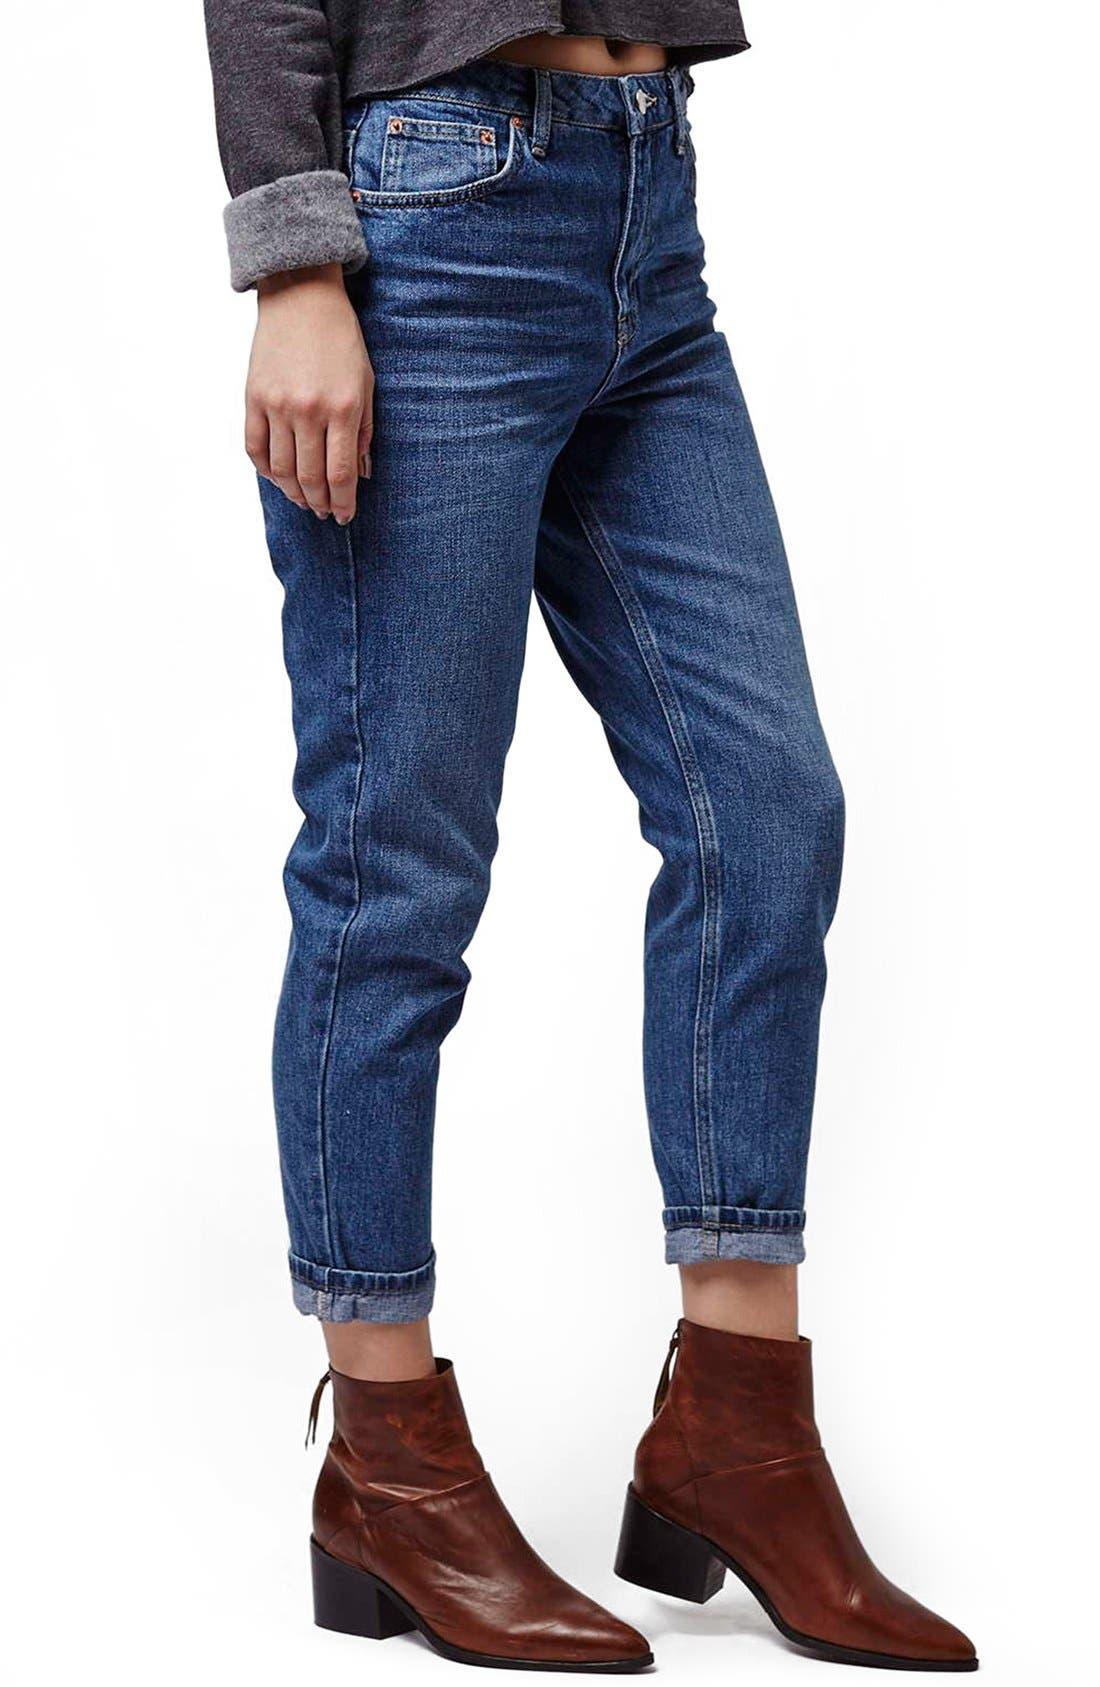 Main Image - Topshop Moto High Rise Crop Jeans (Dark Denim) (Petite)